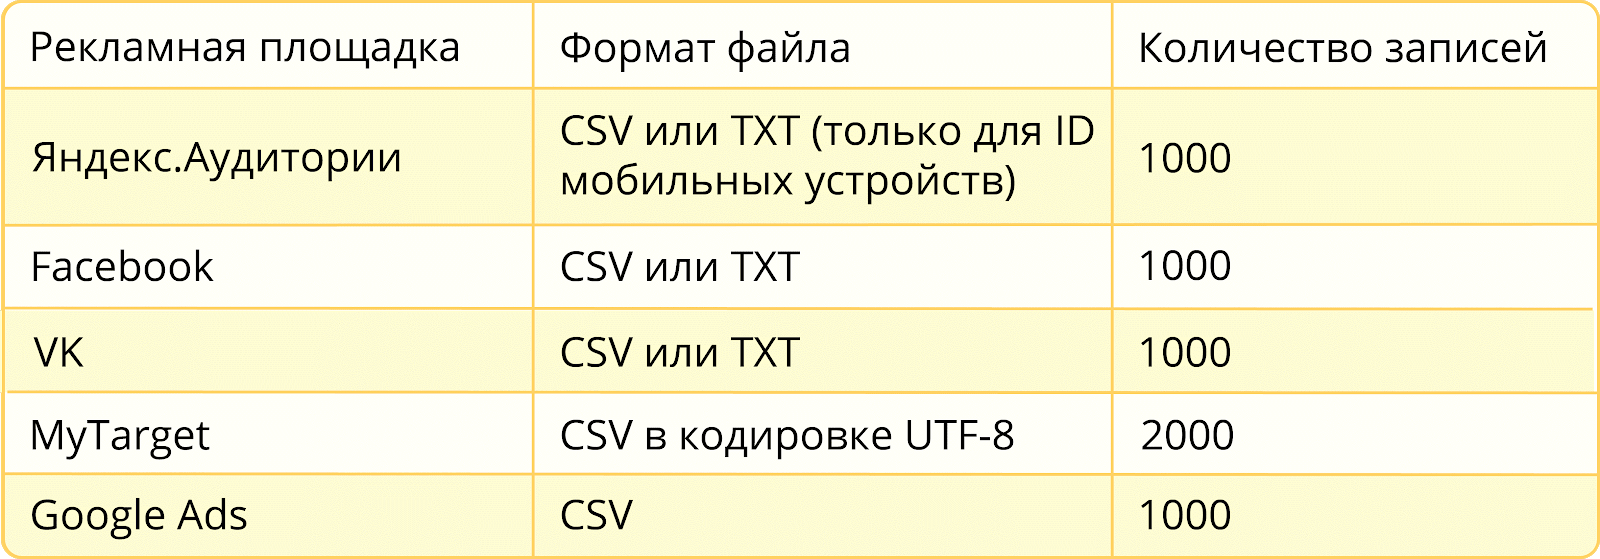 Ретаргетинг по файлу возможен, если у вас достаточно контактов пользоваетей